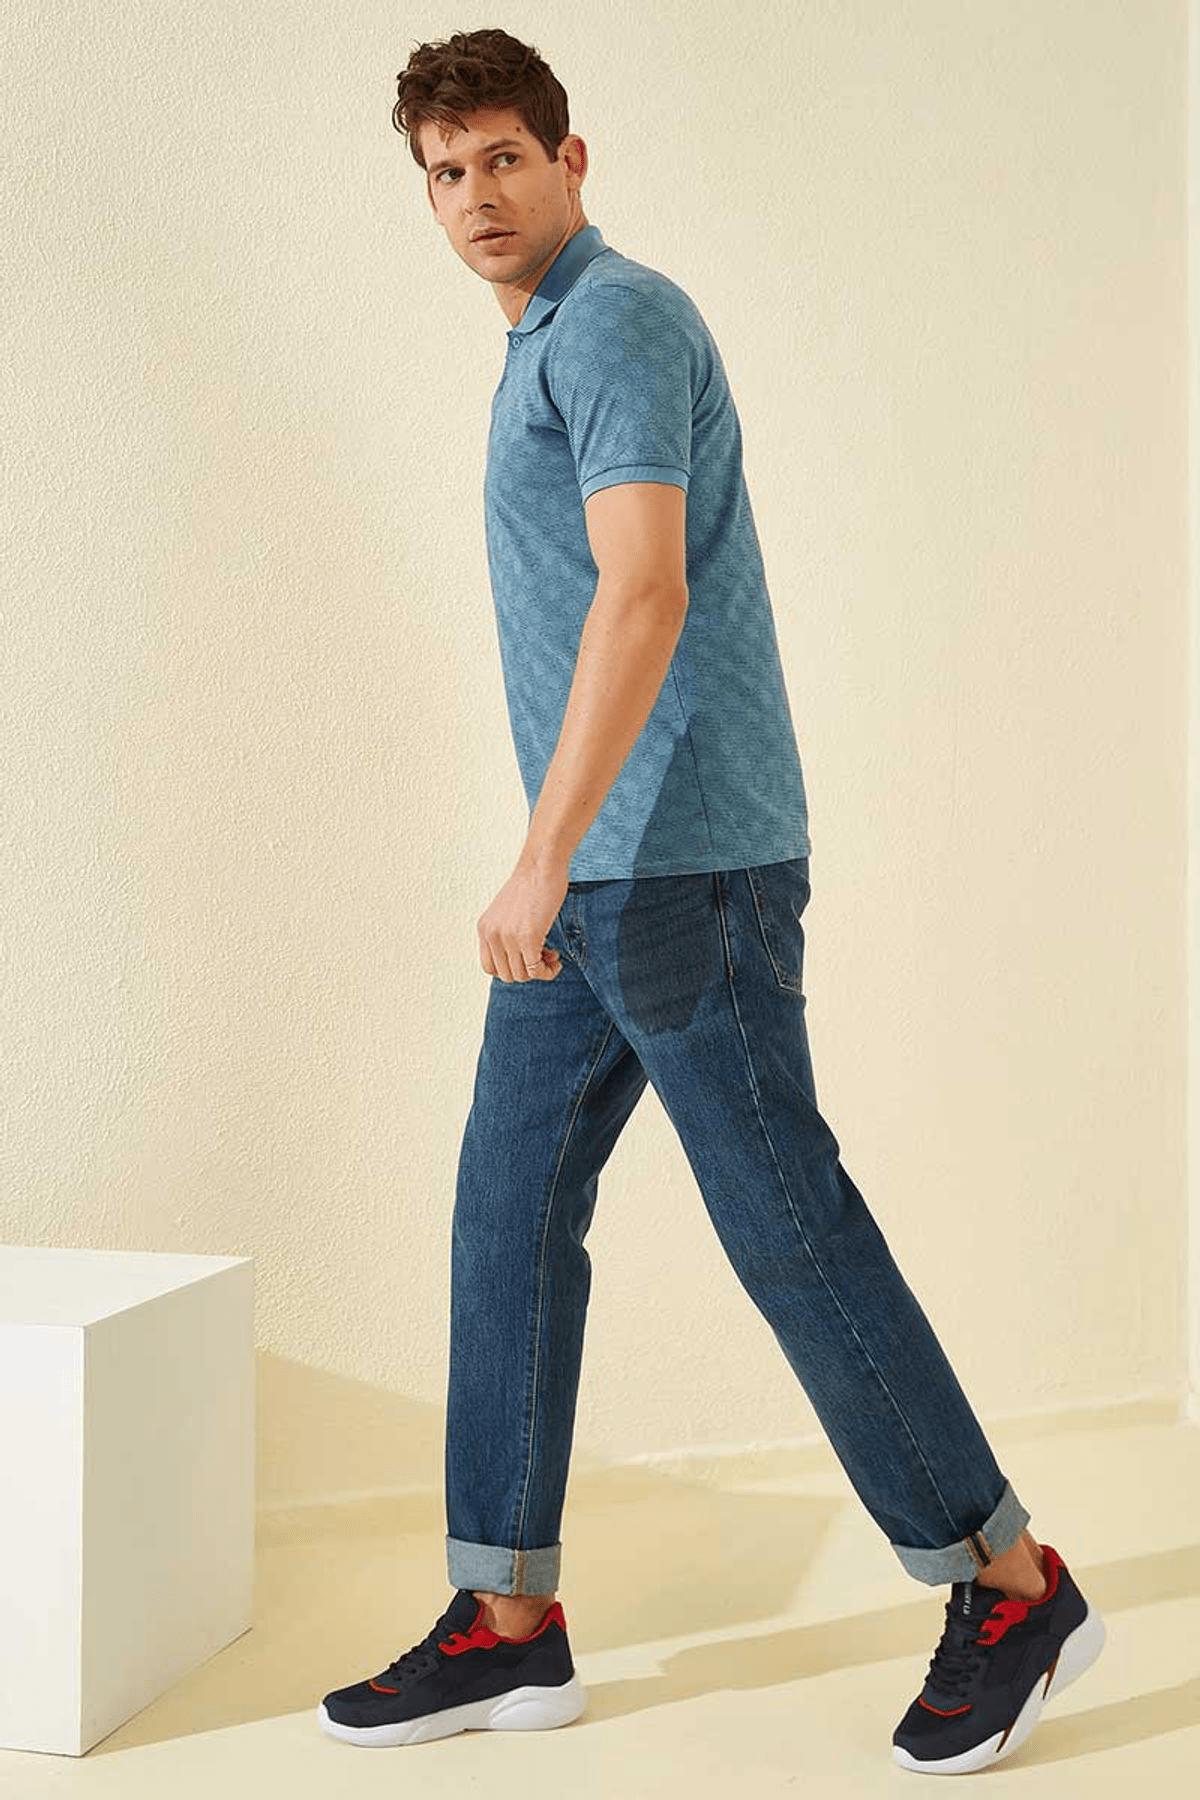 Tommy Life Baskılı Polo Yaka Kirli Mavi Erkek T-Shirt T08ER-87796_1 3